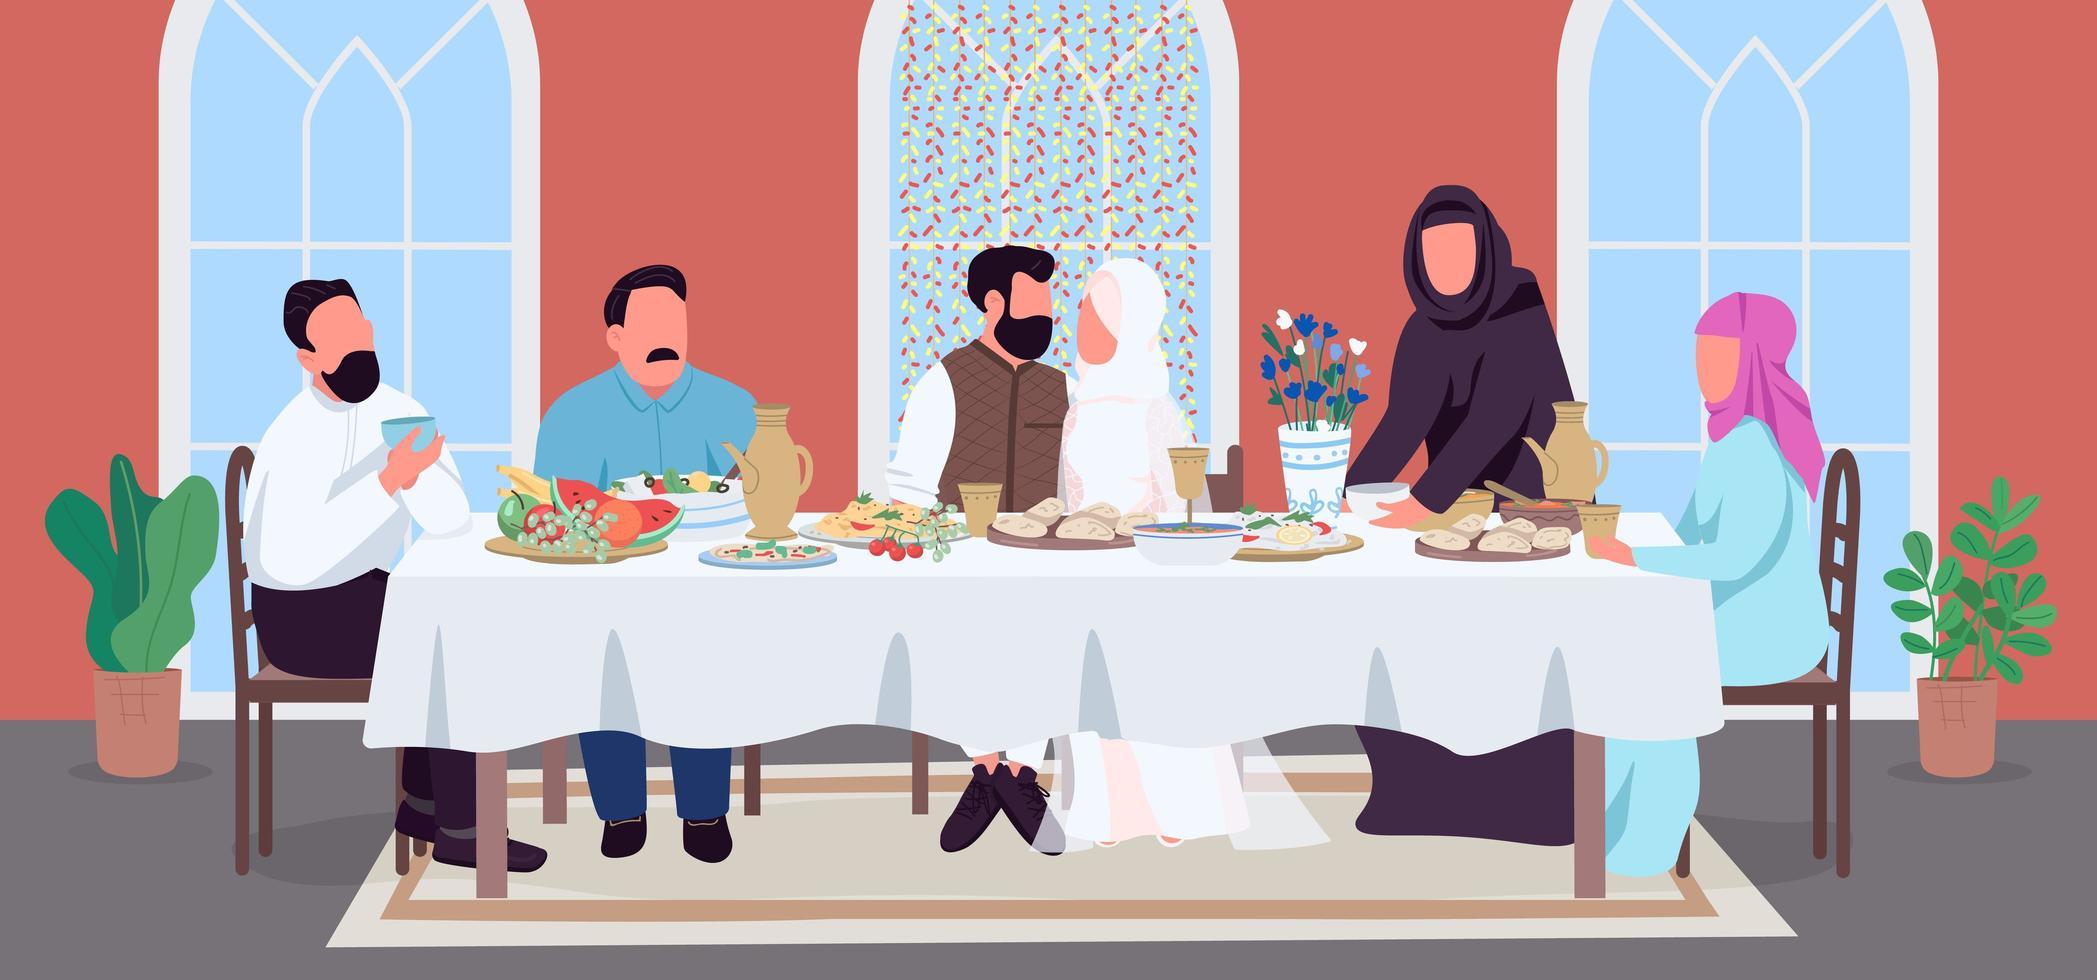 cena di nozze musulmana vettore